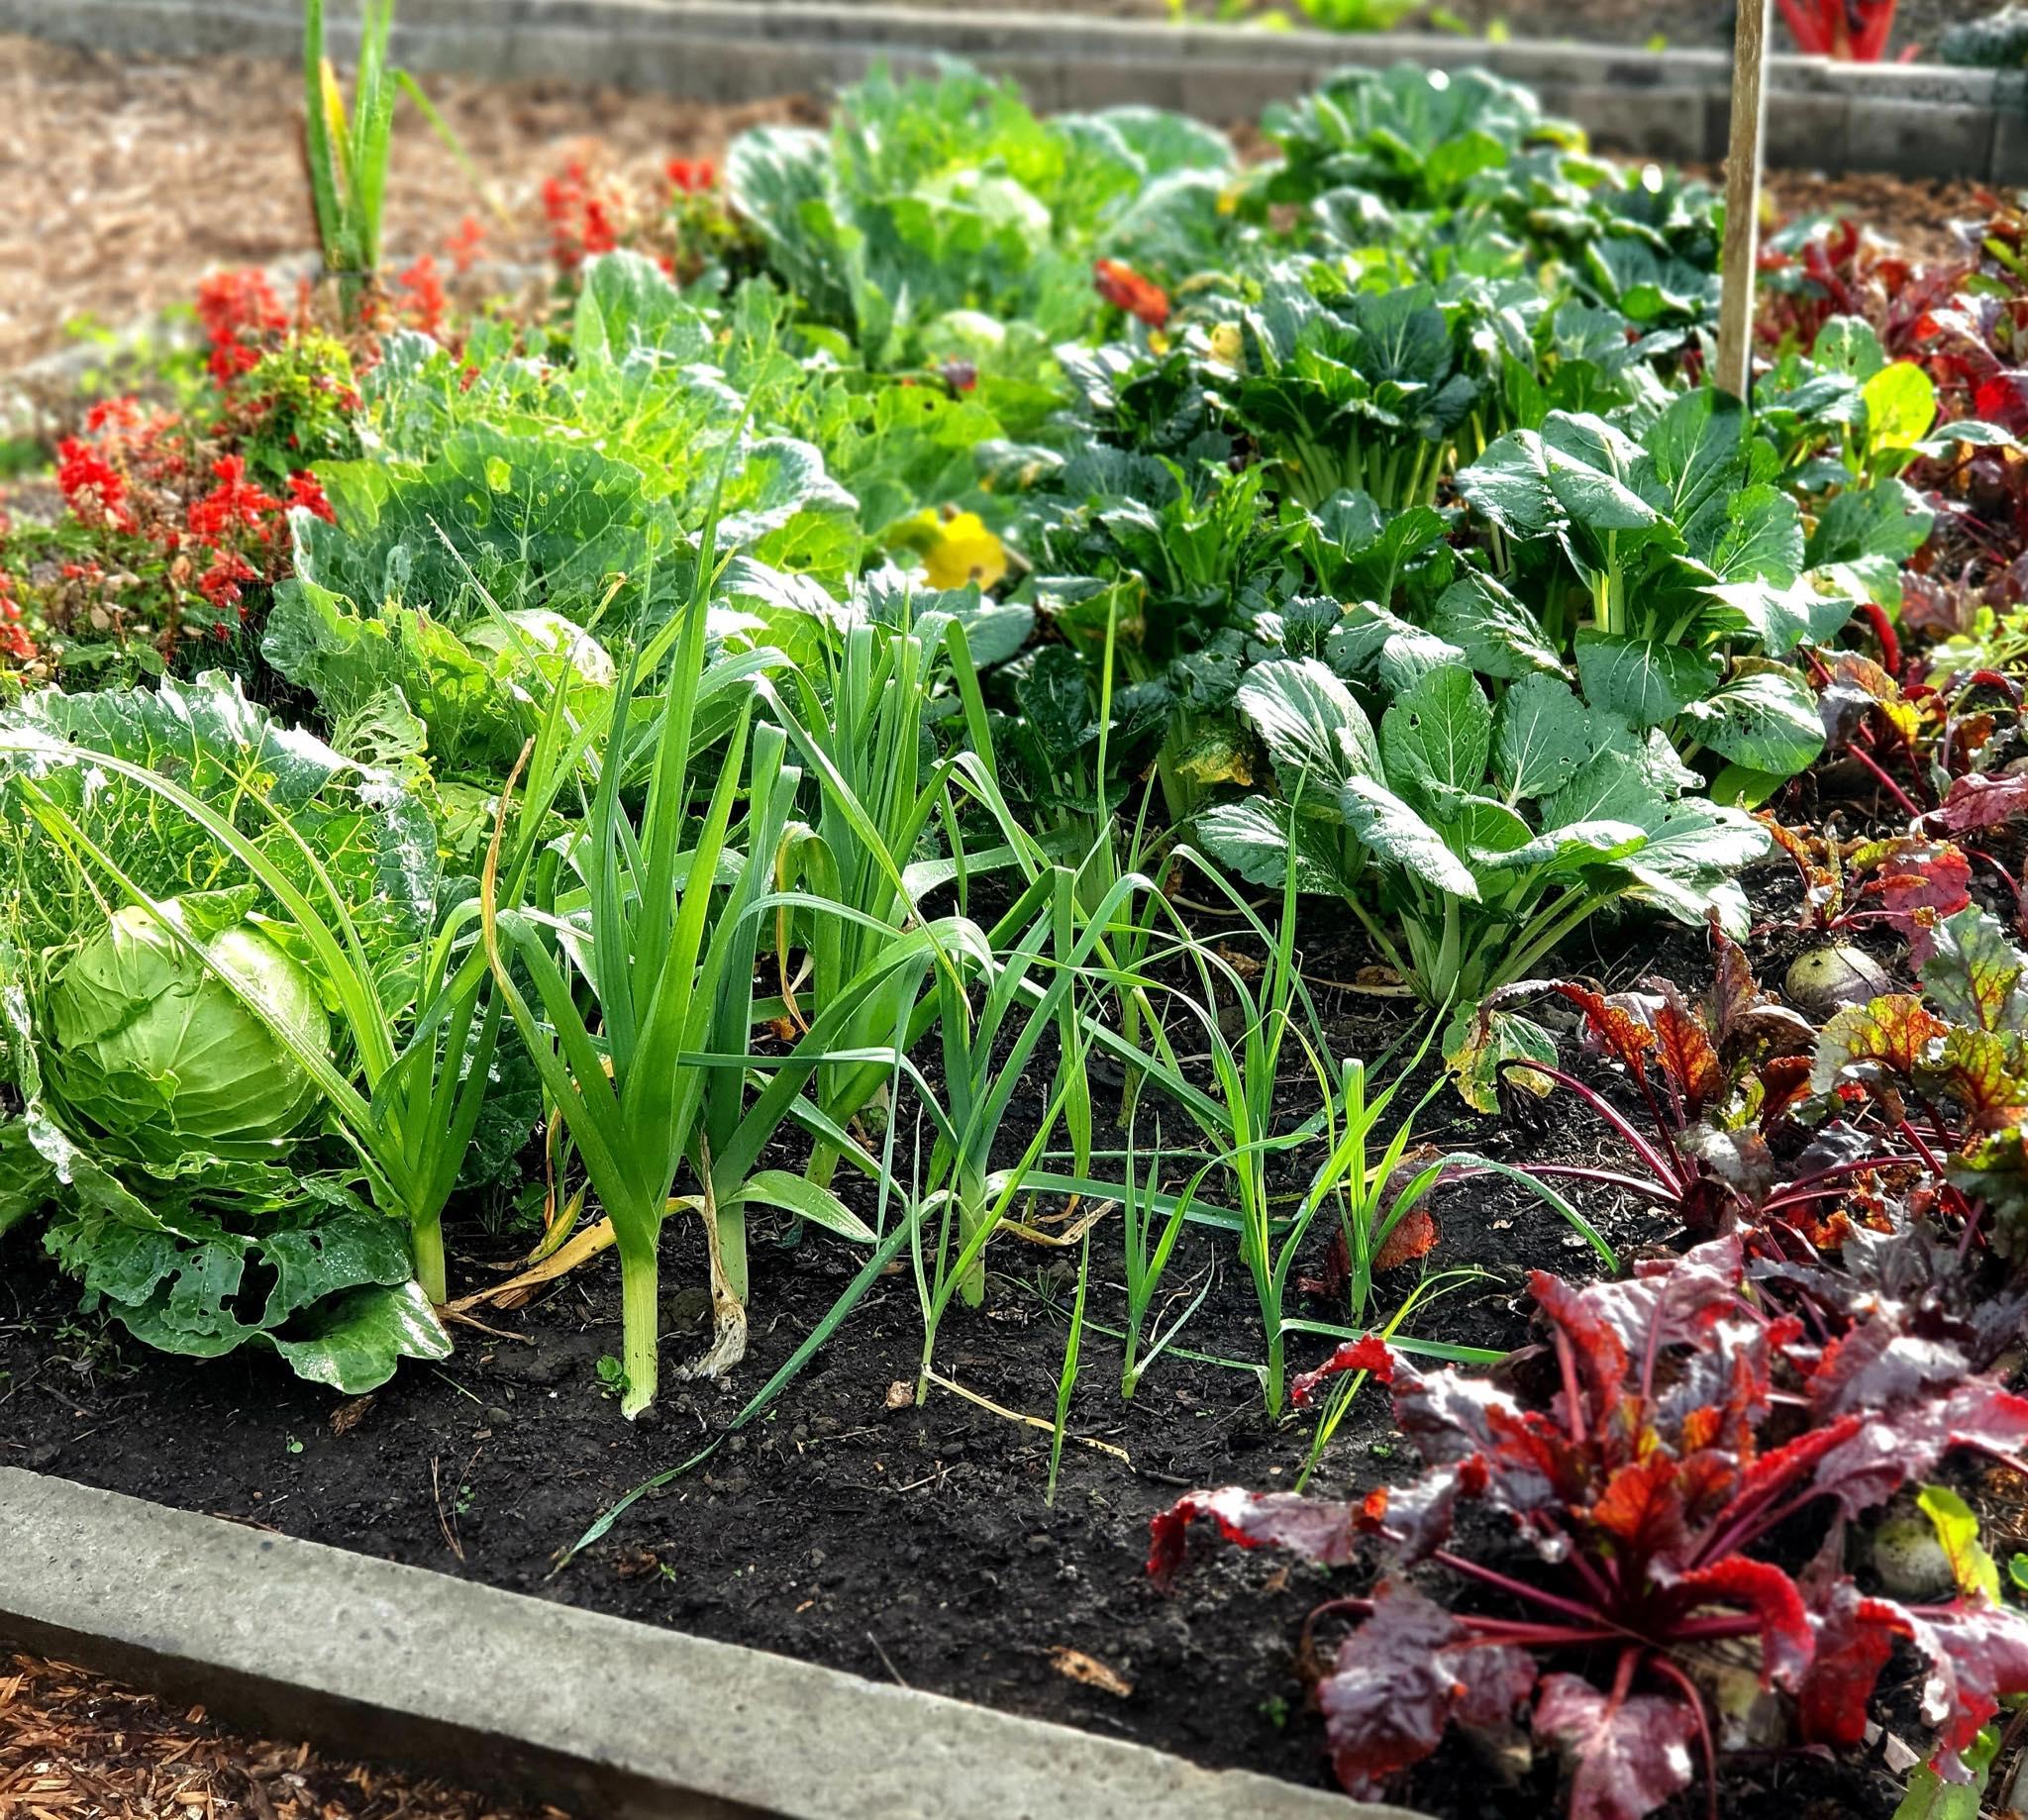 Khu vườn 225m² trồng toàn rau hữu cơ xanh tốt nhờ bí quyết dễ làm của bà mẹ trẻ đảm đang - Ảnh 5.